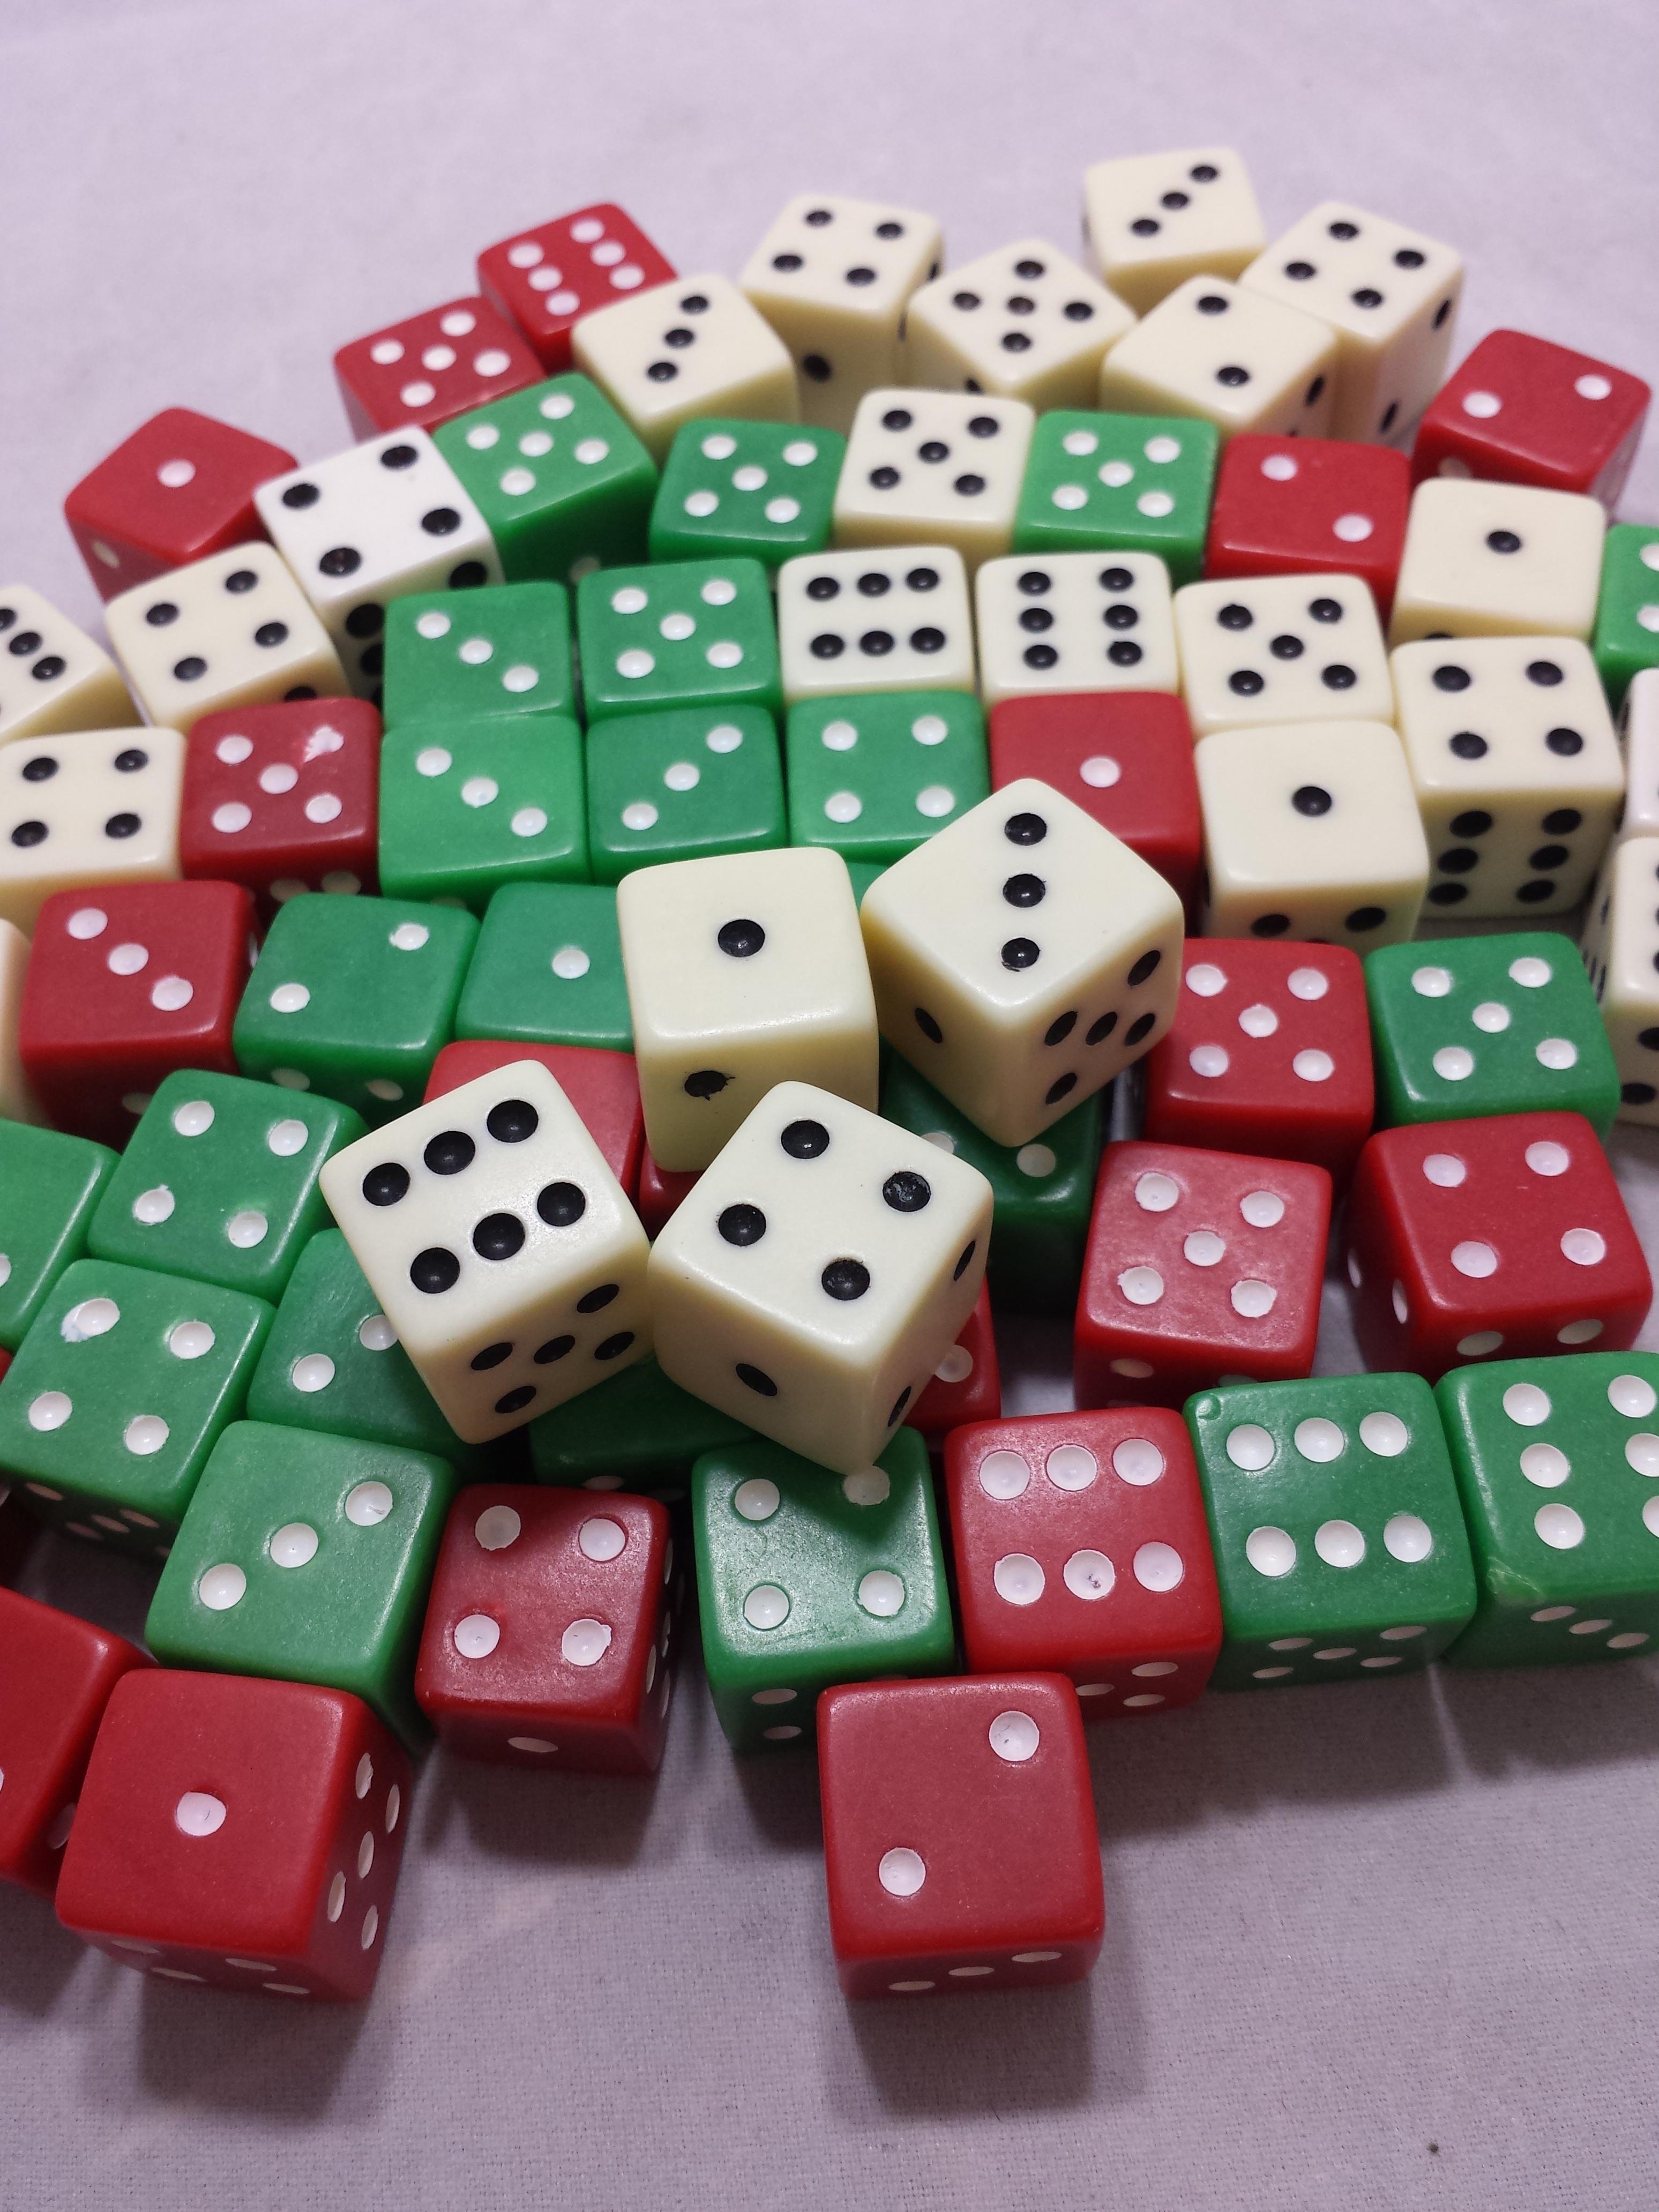 Азартные игры шашки gambling интернет казино